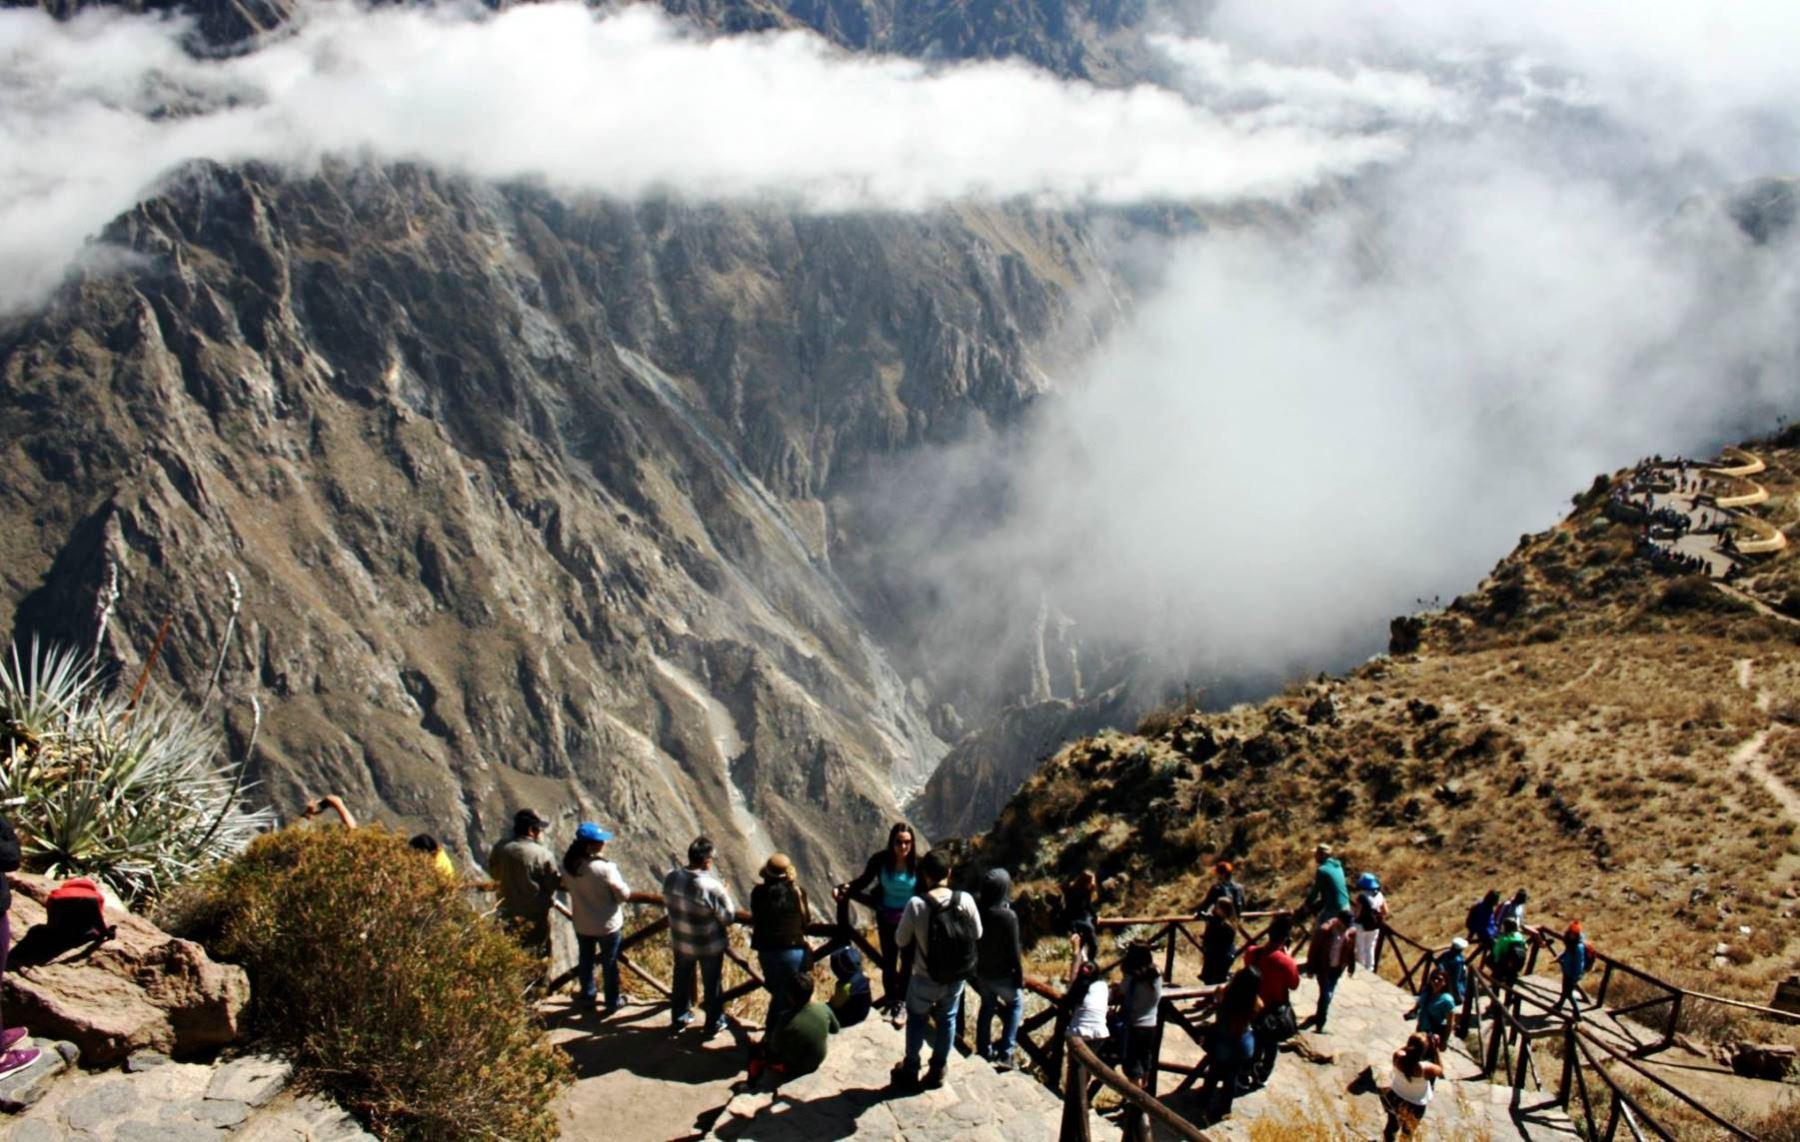 El cañón del Colca, emblemático destino turístico de Arequipa. ANDINA